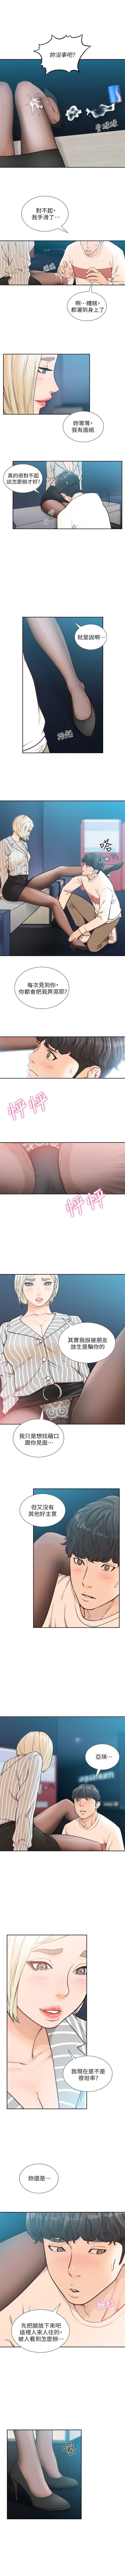 前女友 1-48 中文翻译(更新中) 115